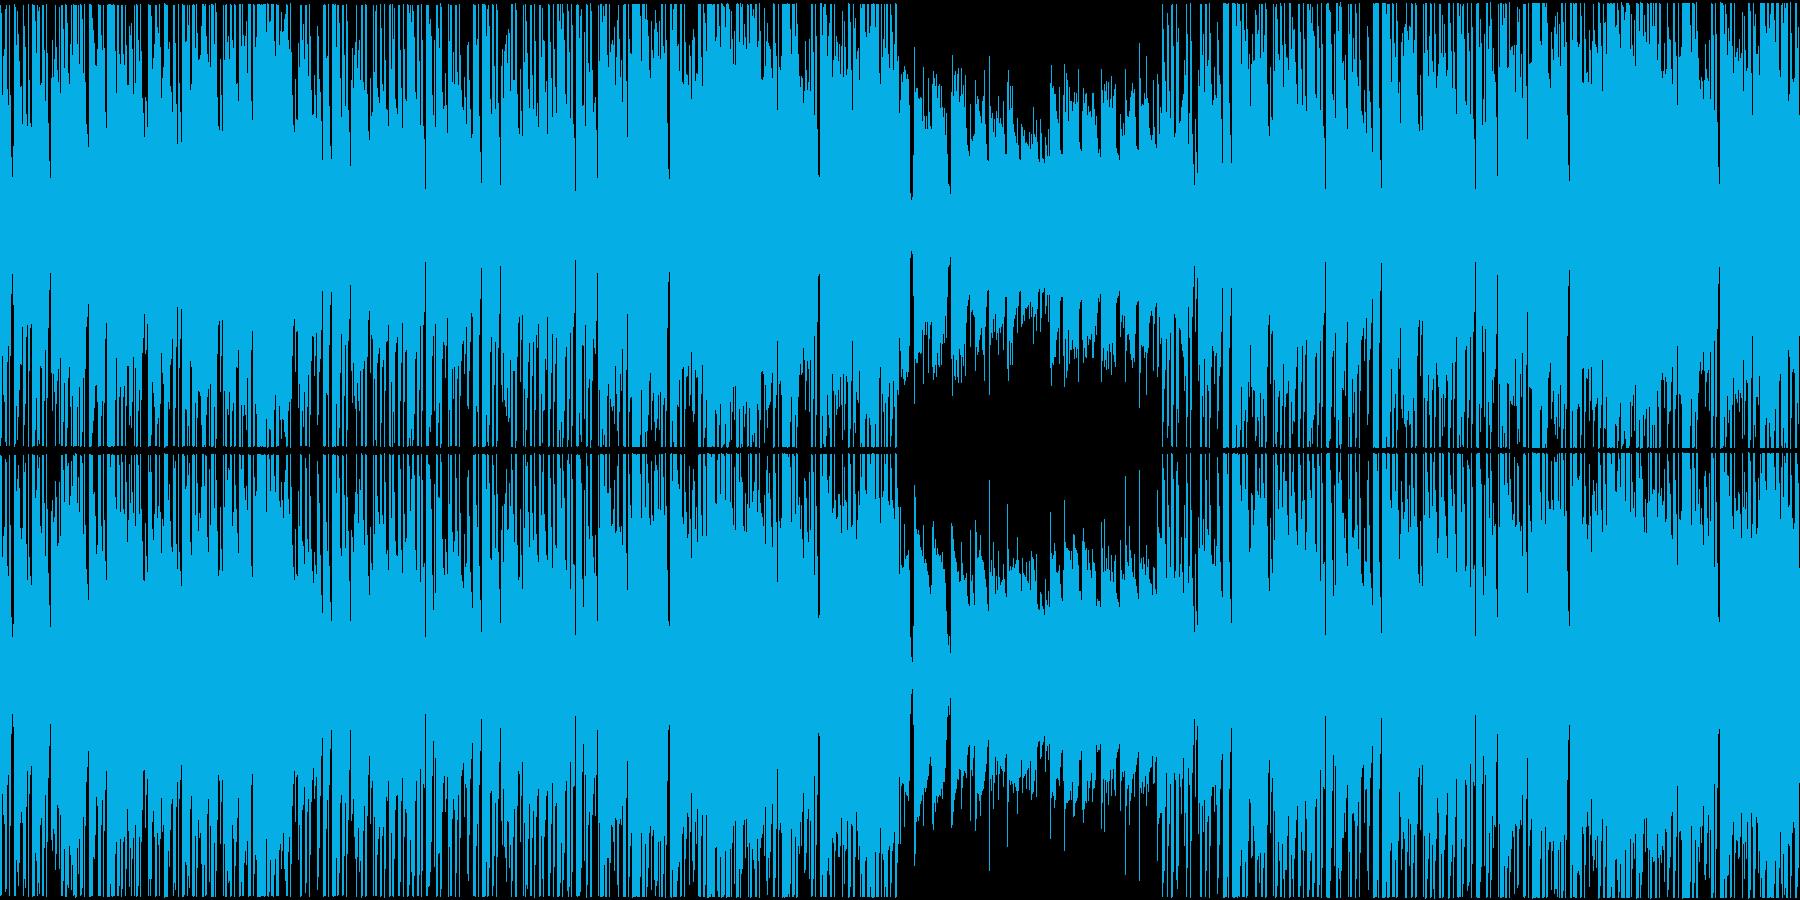 ジャジーで穏やかなヒップホップインストの再生済みの波形